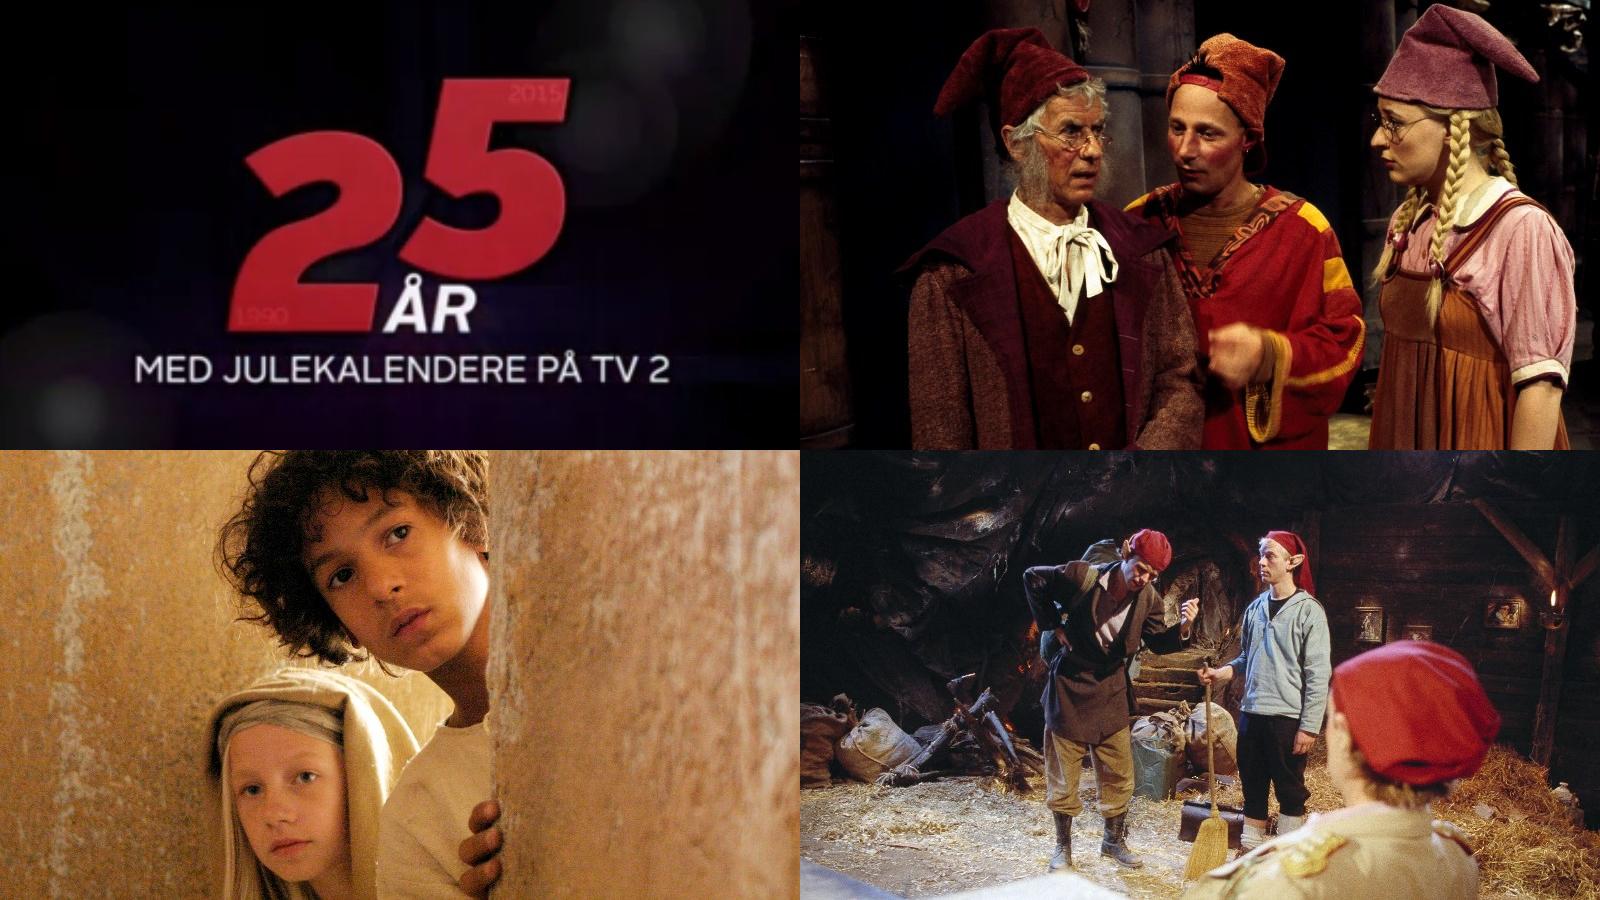 25 aar med julekalendere paa TV 2